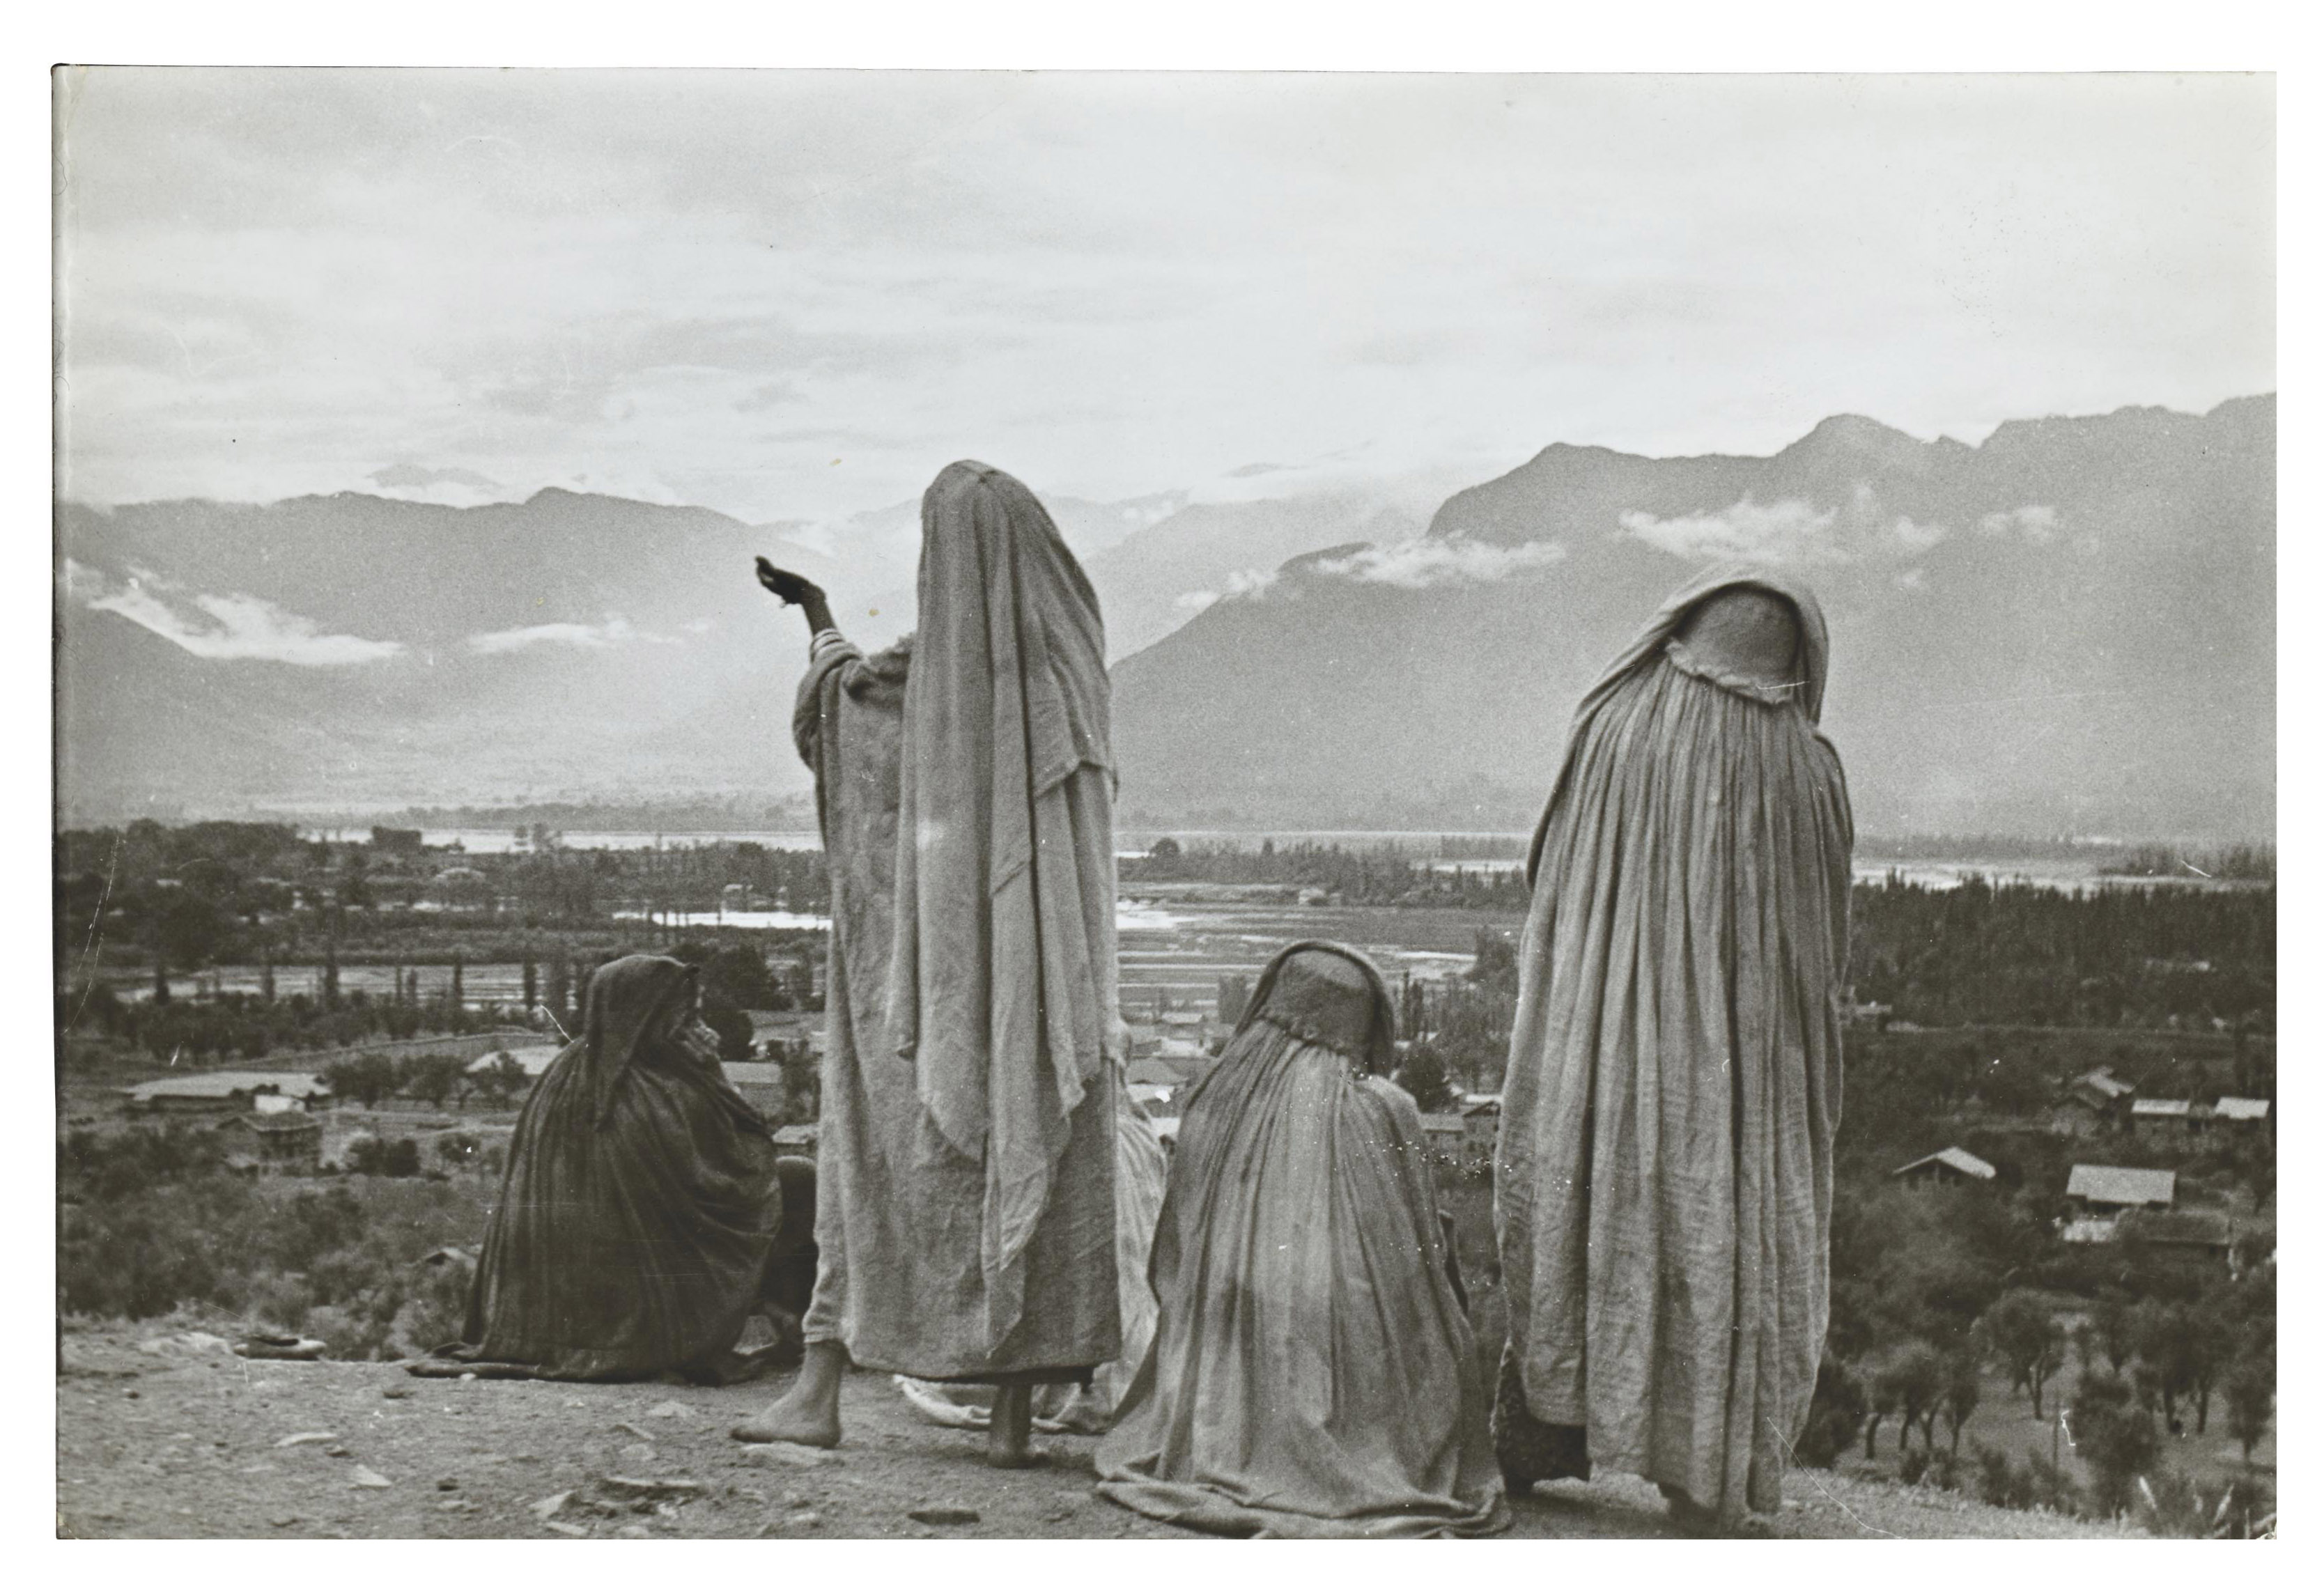 Srinagar, Cachemire, Inde, 1948